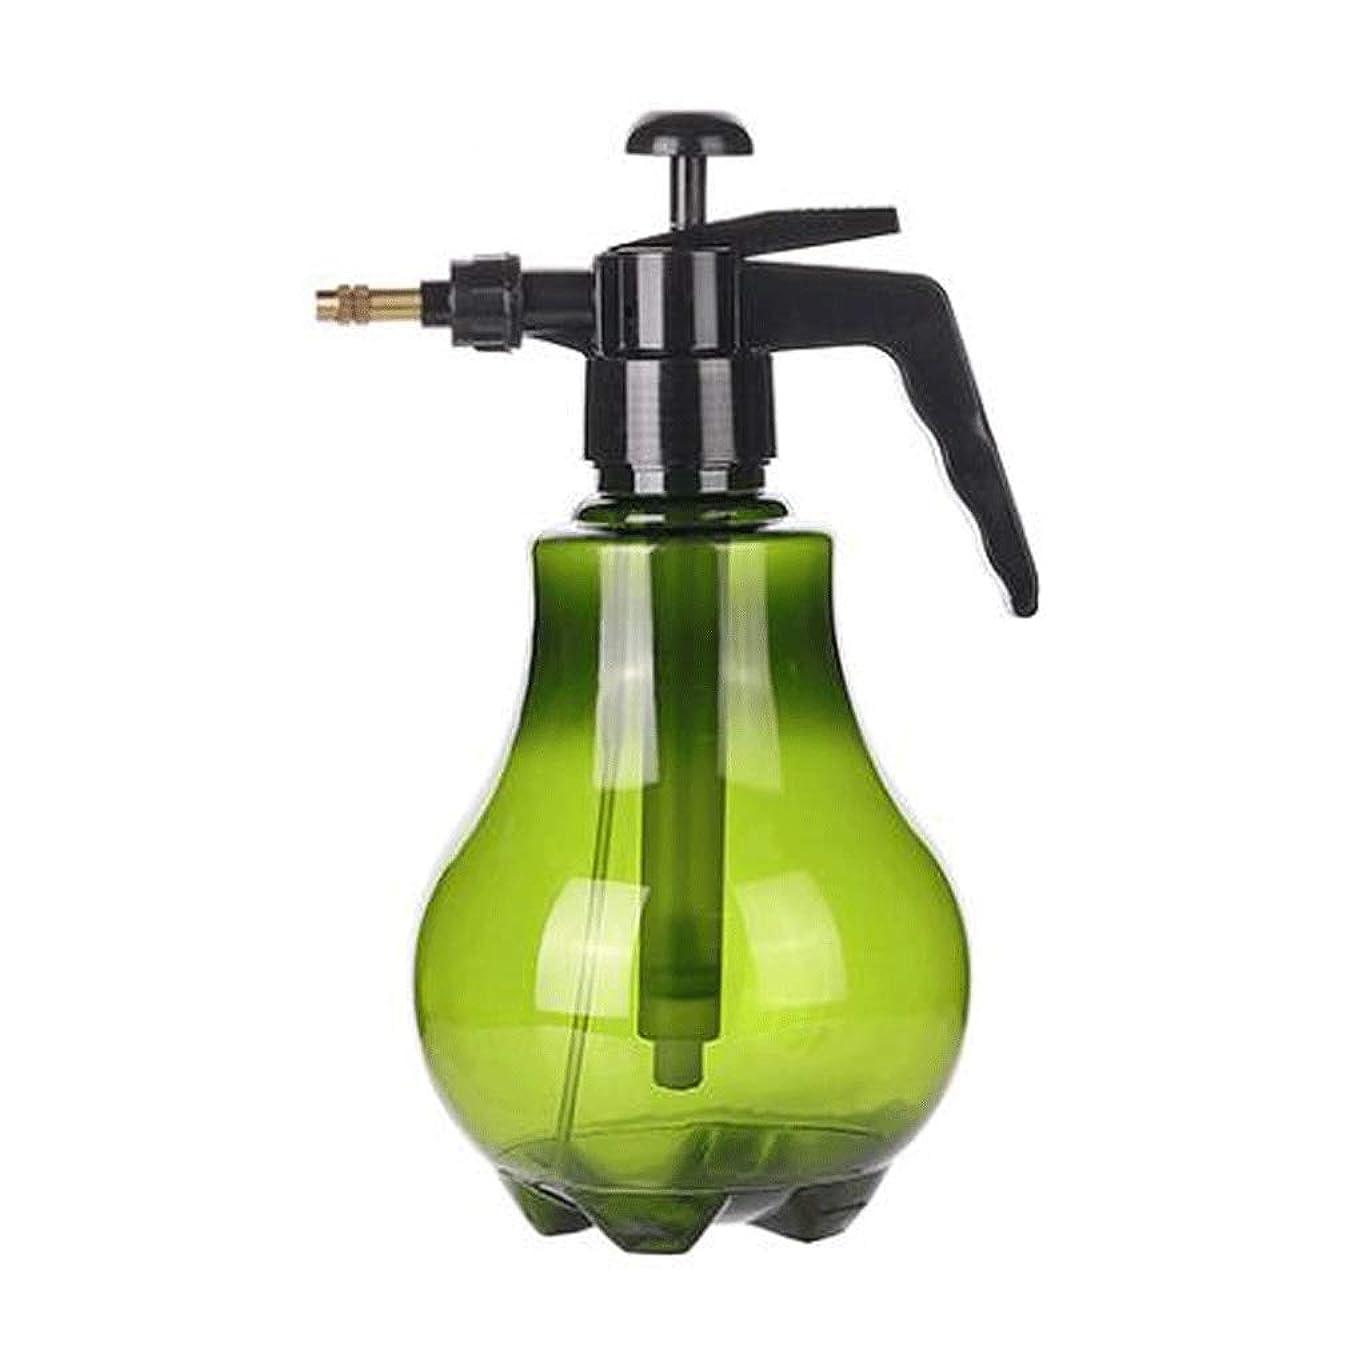 グリットイタリアの複製する屋内と屋外 ポータブル圧力ガーデンスプレーボトルケトル工場花灌漑じょうろスプレーガーデンツール 水まき缶 (Color : Green, サイズ : Upgrade)